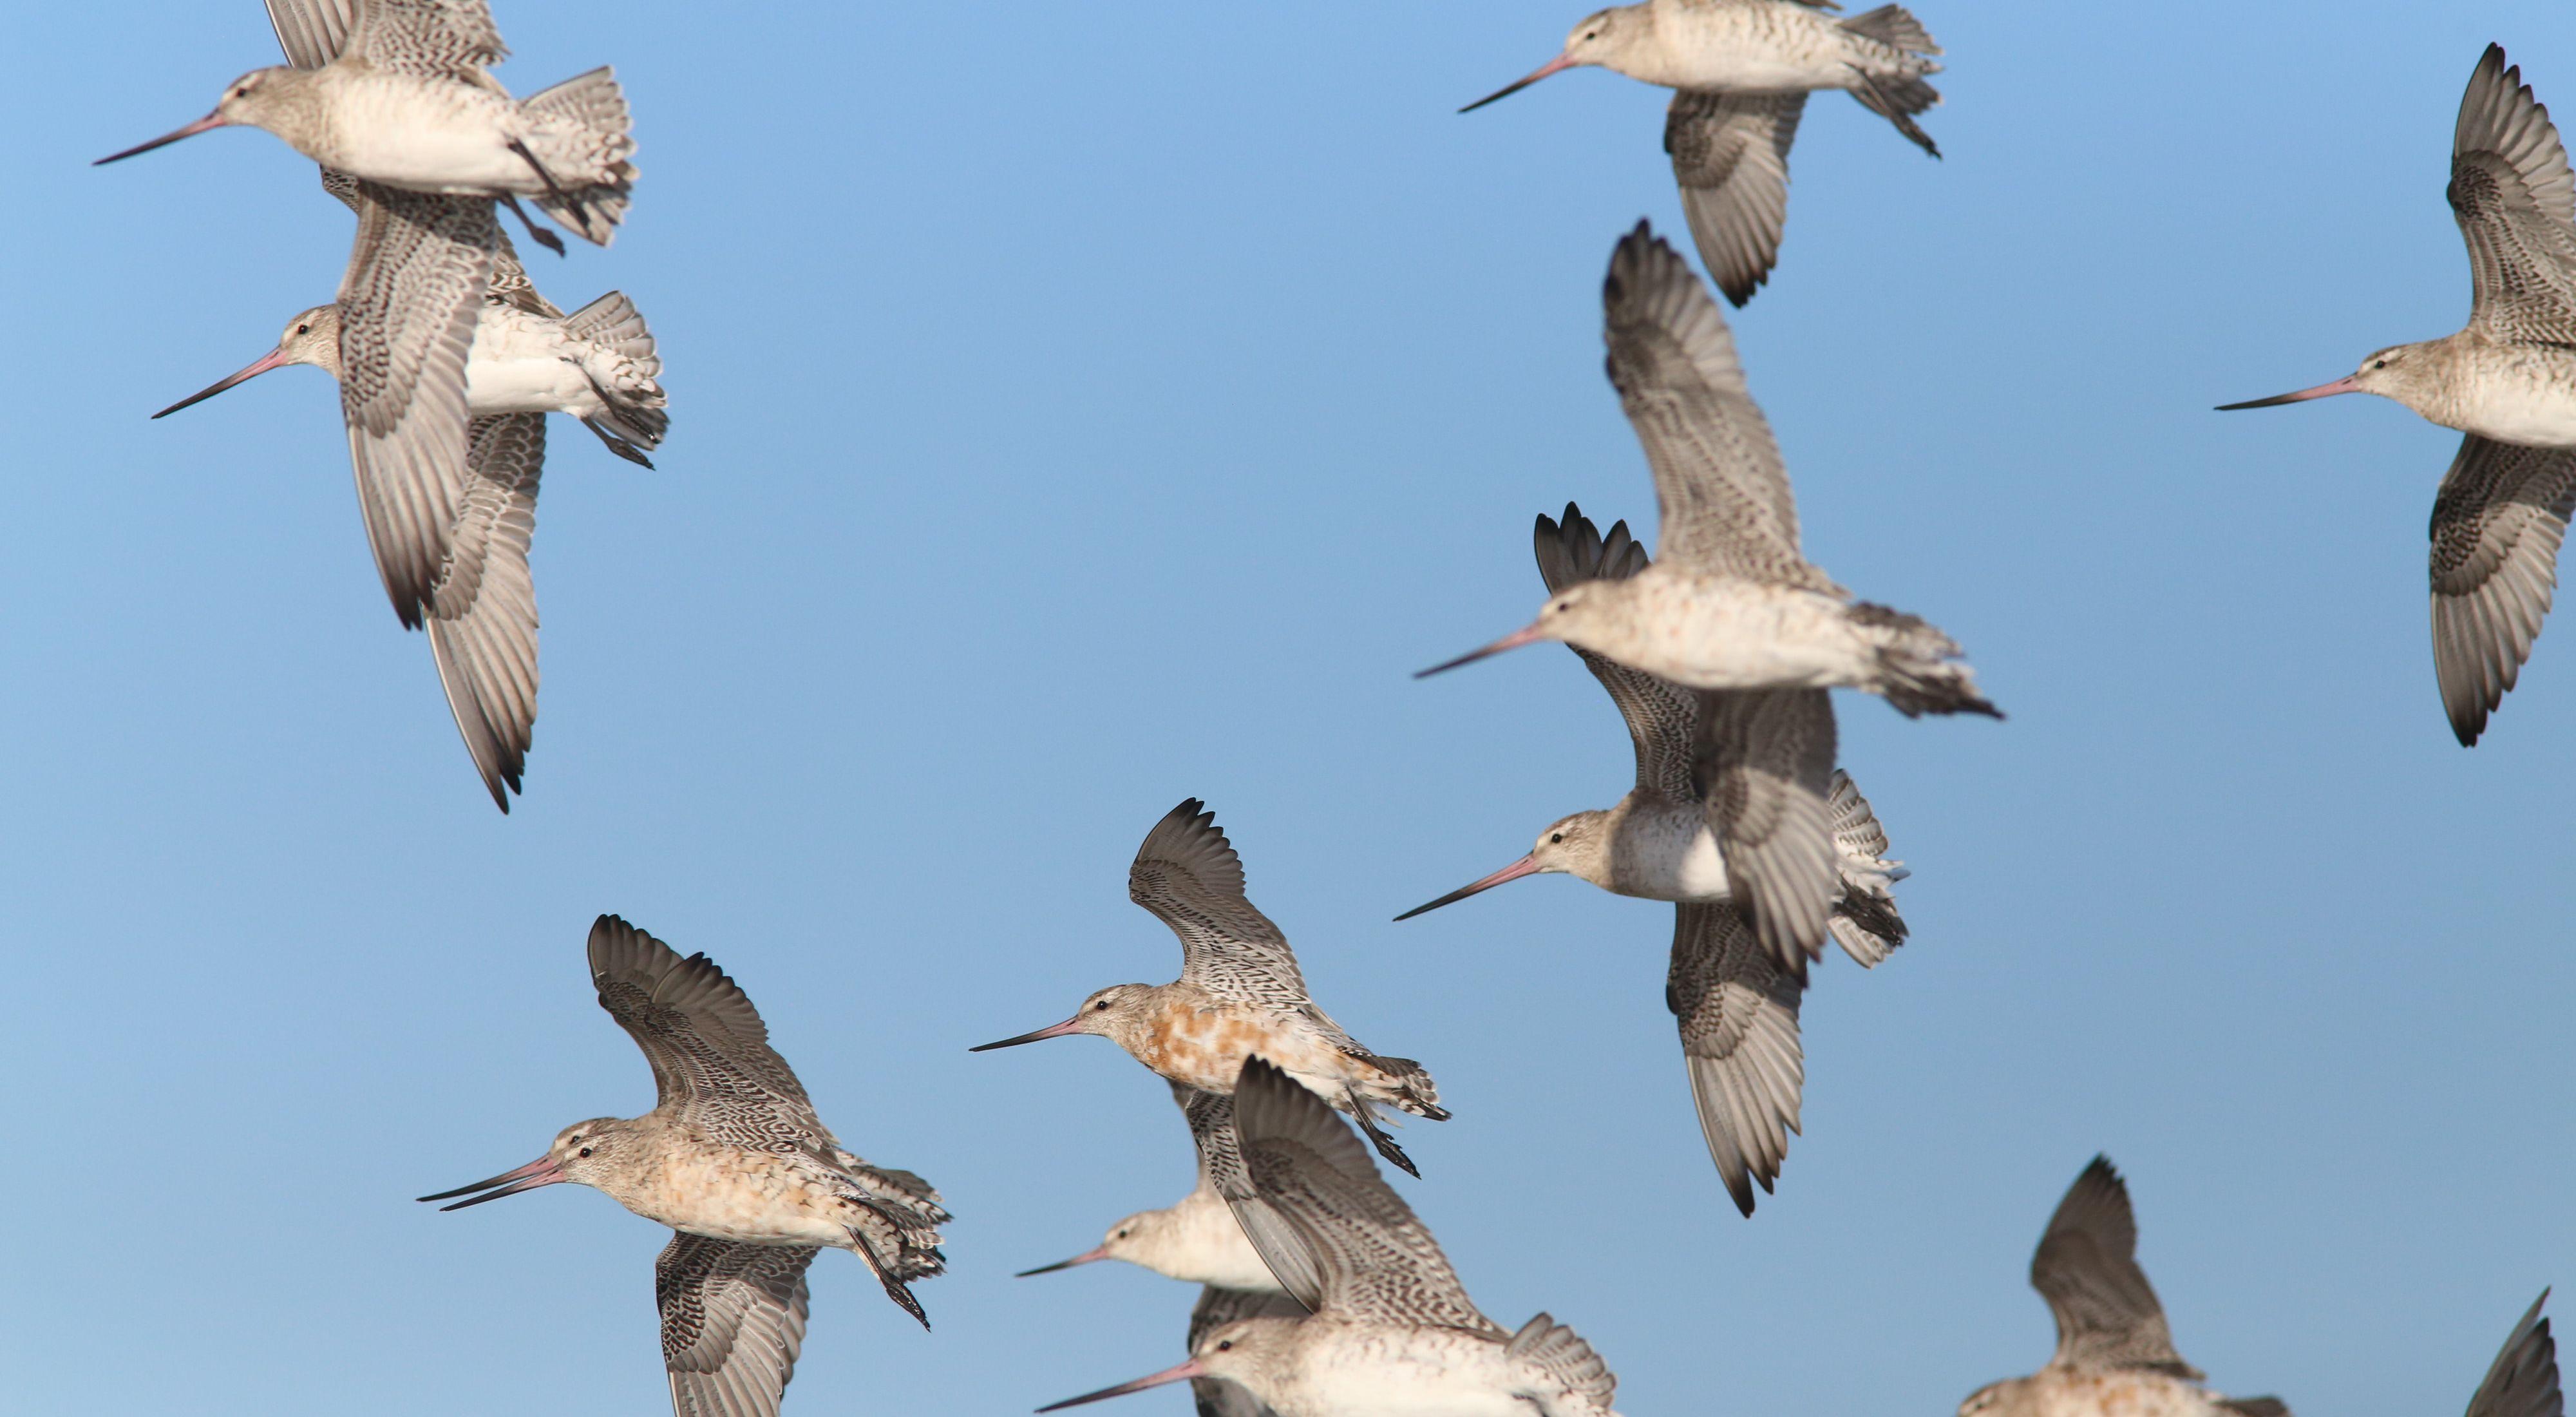 white birds in flight in a blue sky